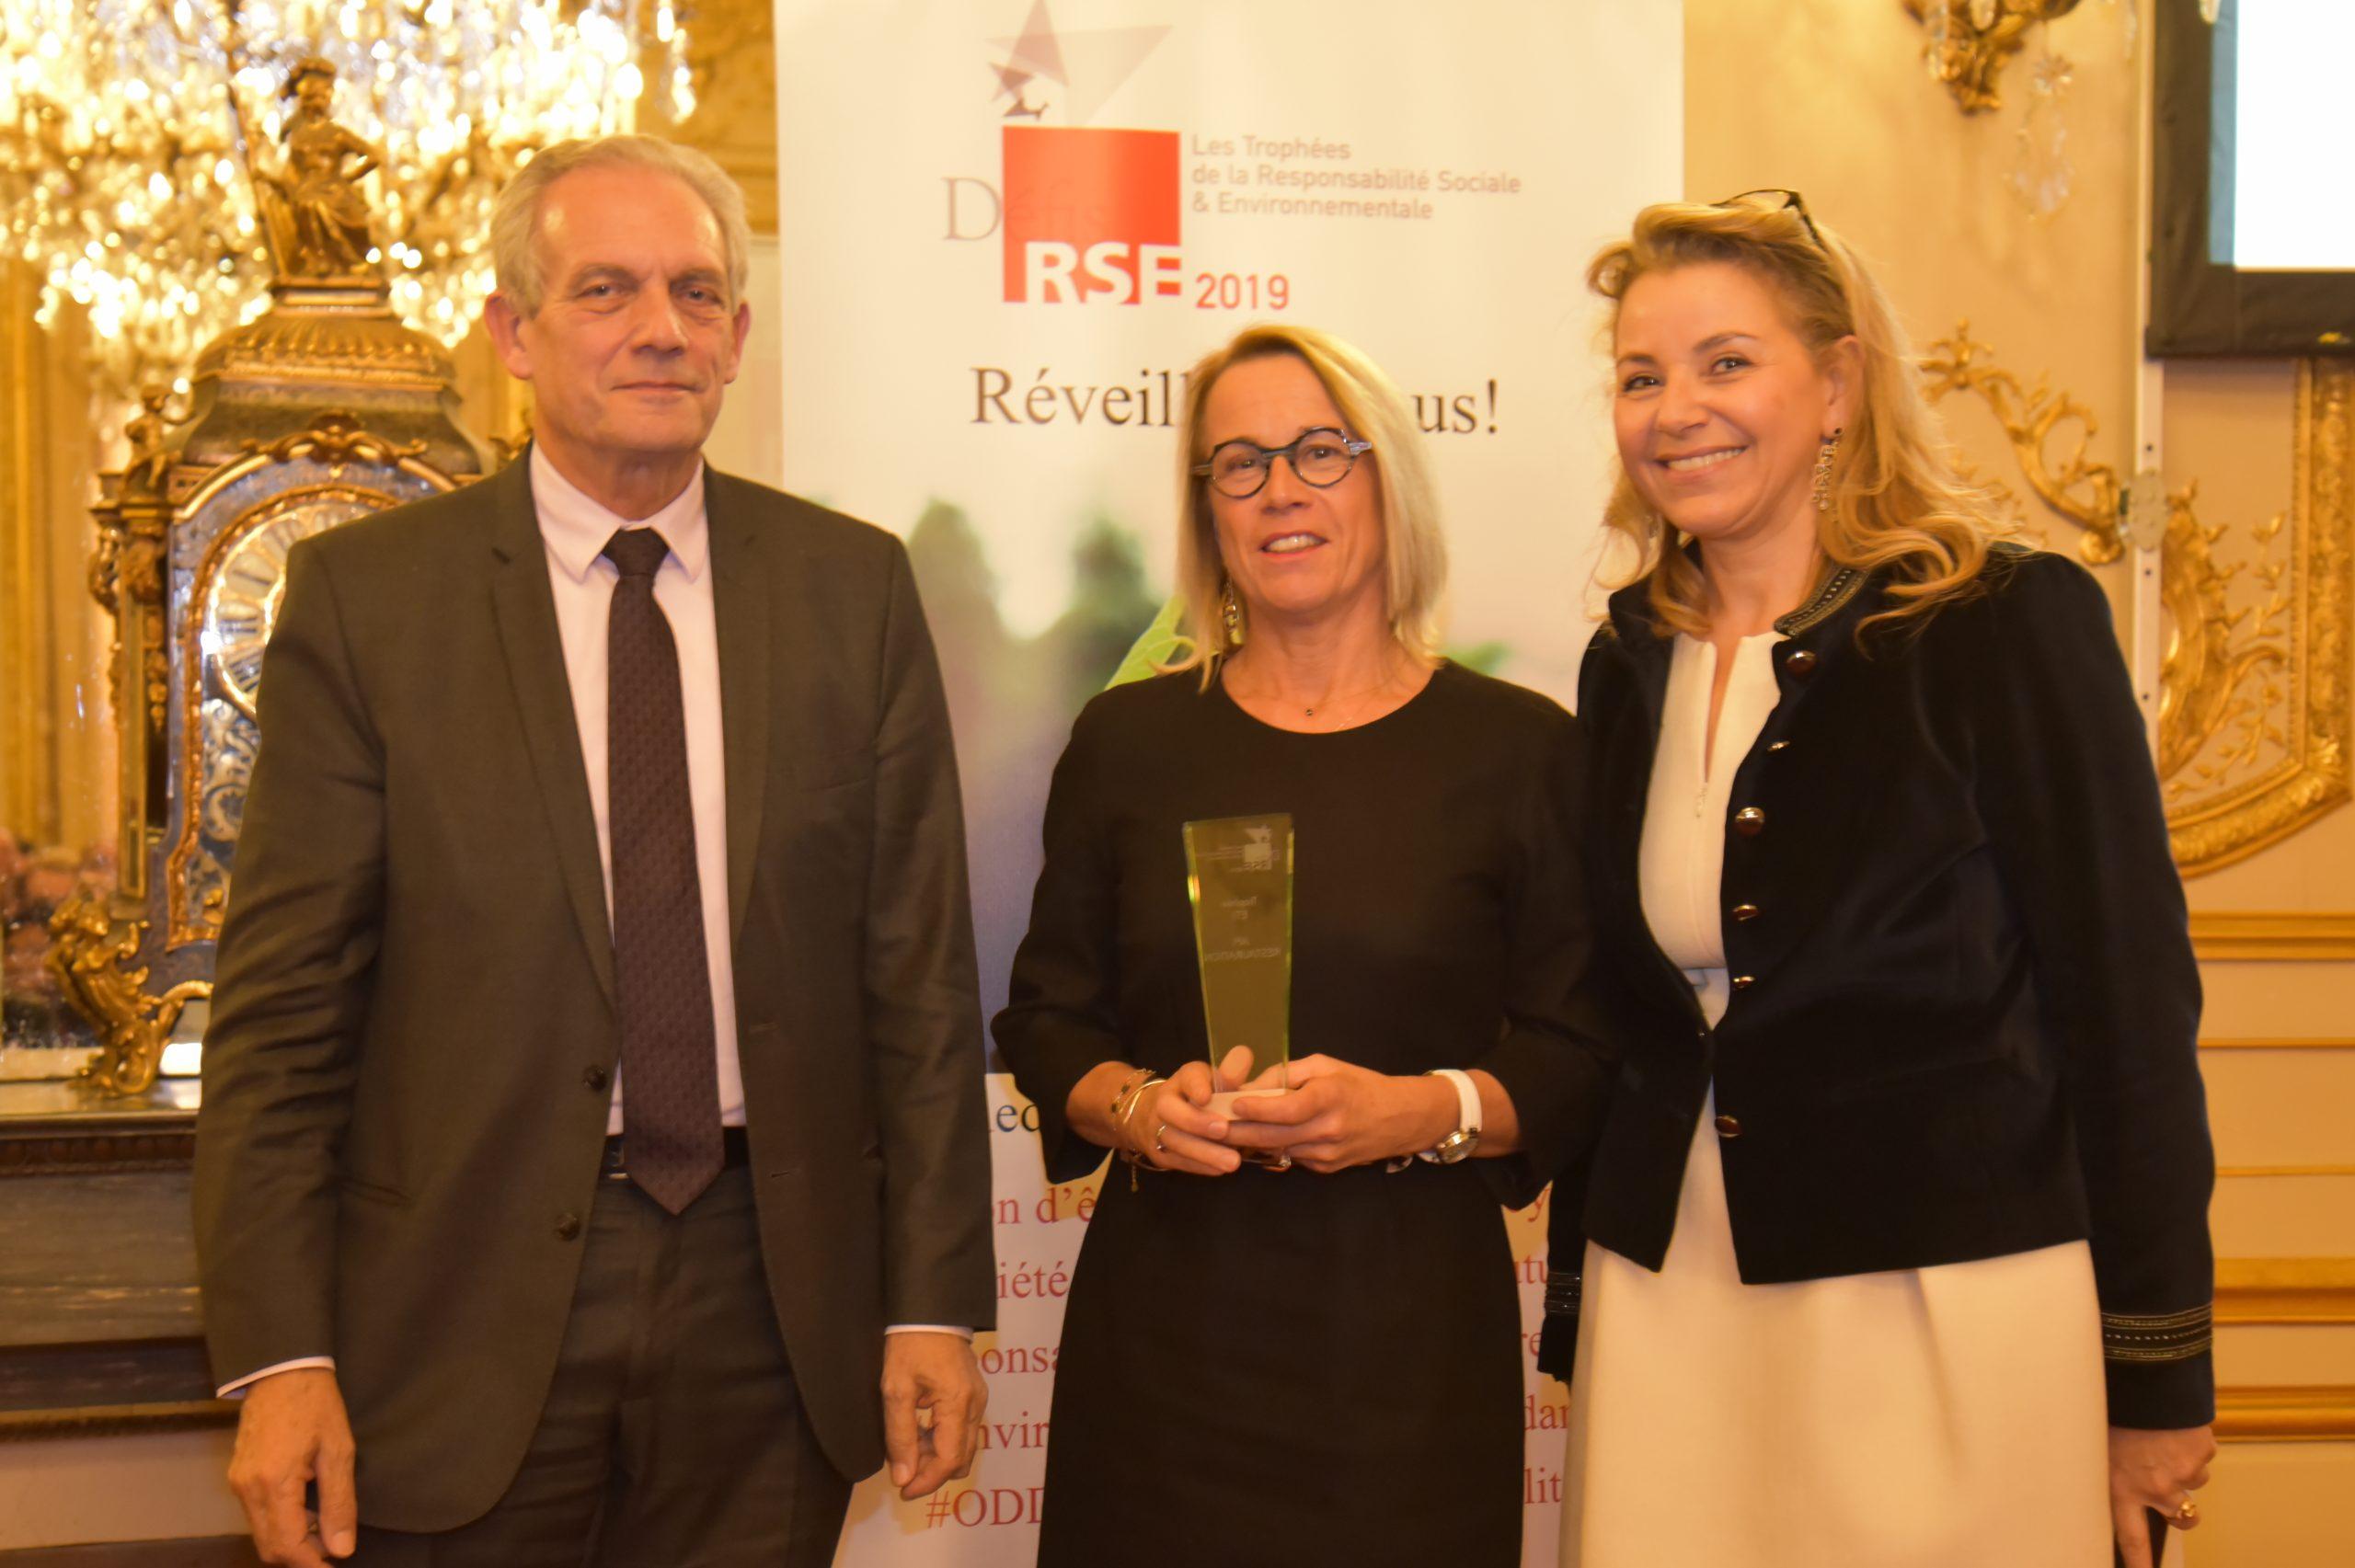 Trophée Défis RSE 2019 ETI : Remettant : Jean-Marc Gabouty, Sénat – Lauréat : API RESTAURATION, Béatrice Debosque